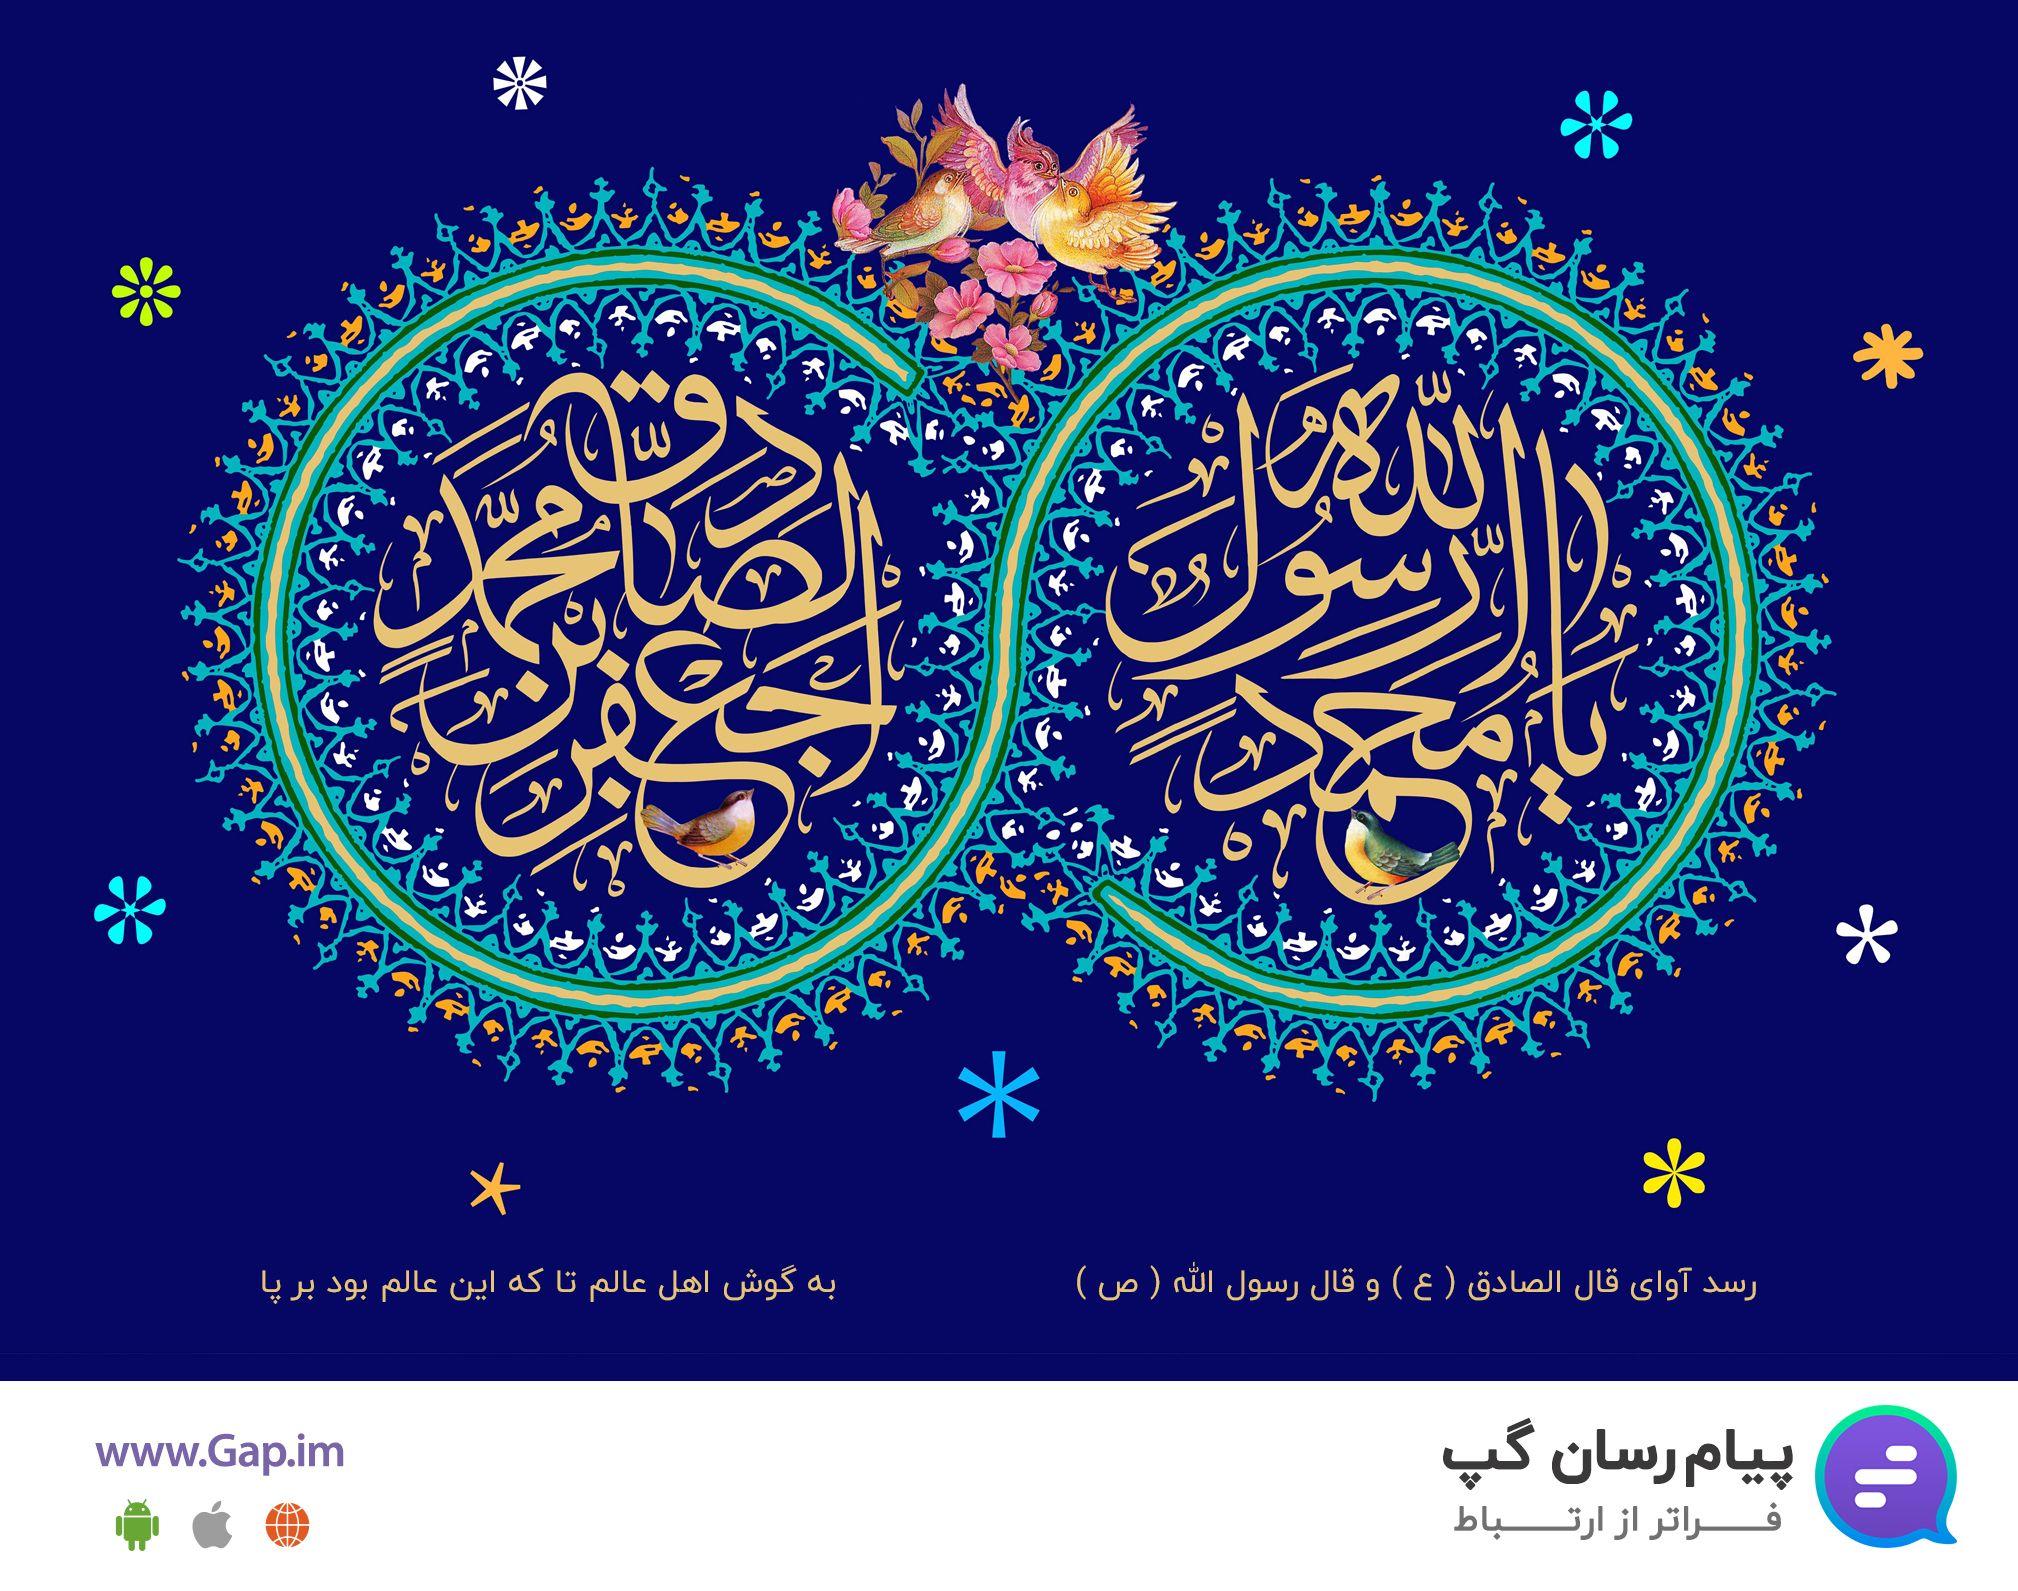 میلاد حضرت محمد(ص) و امام صادق(ع)